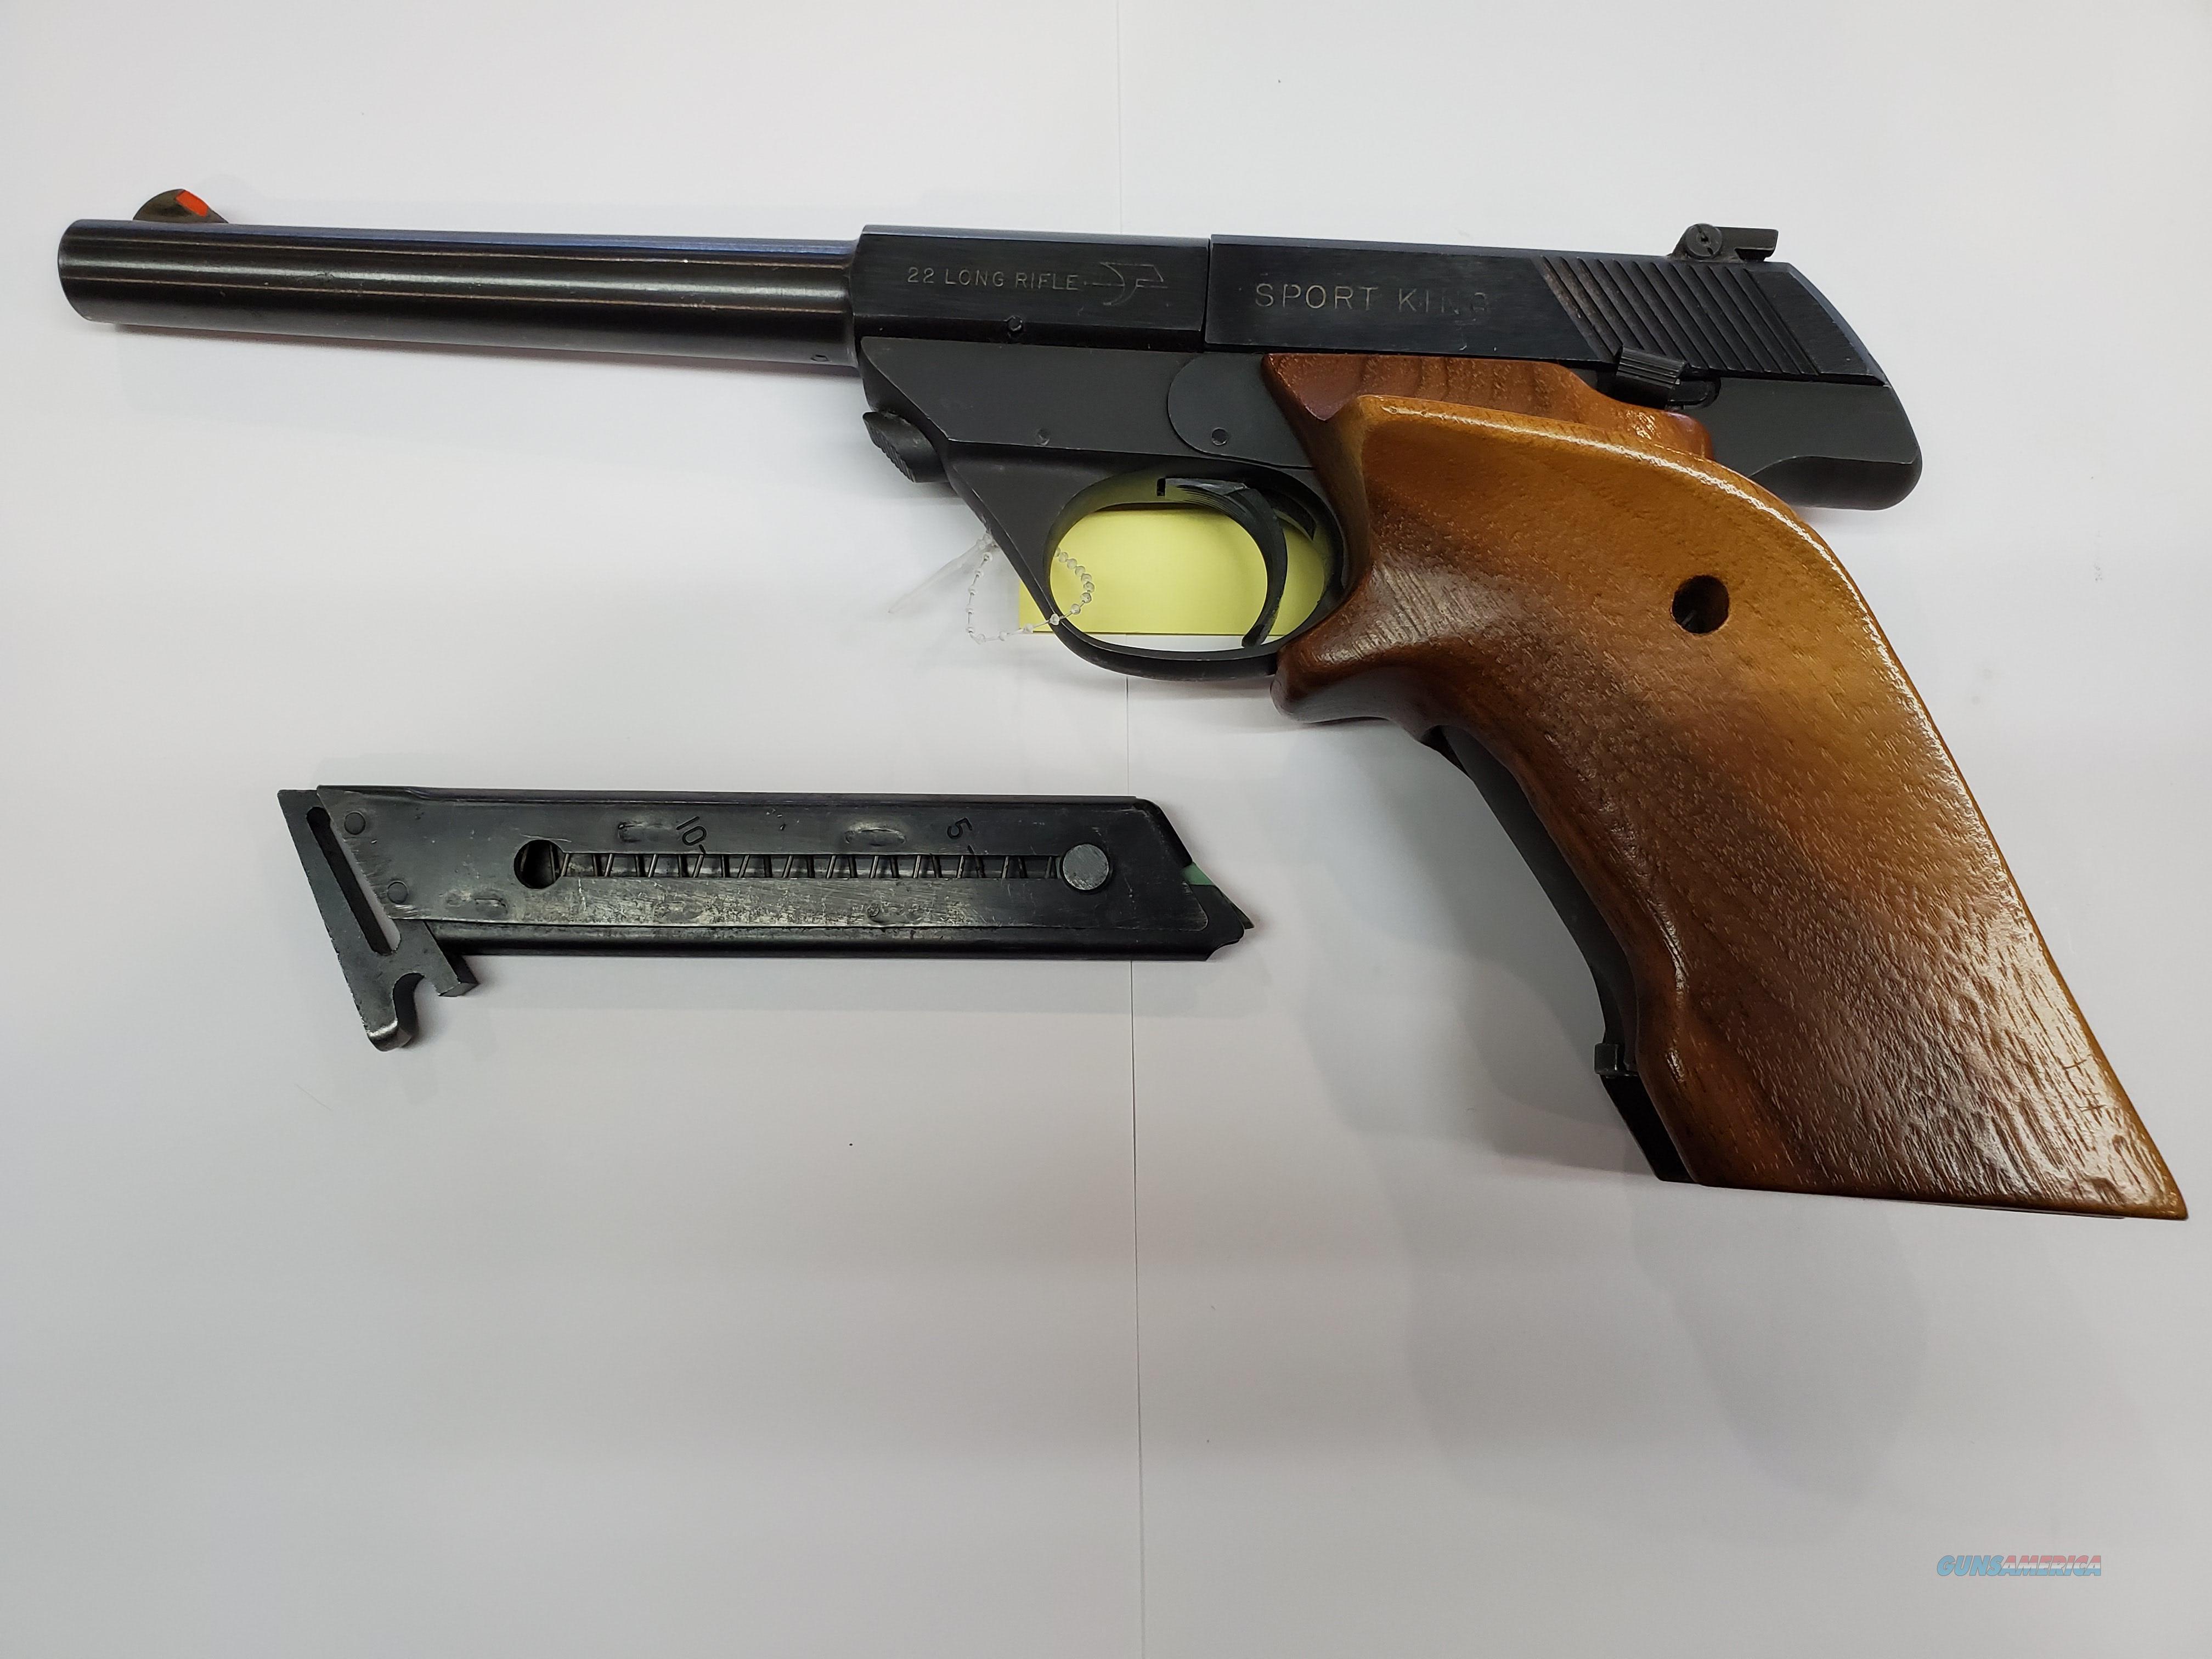 High standard Sport King  Guns > Pistols > High Standard Pistols